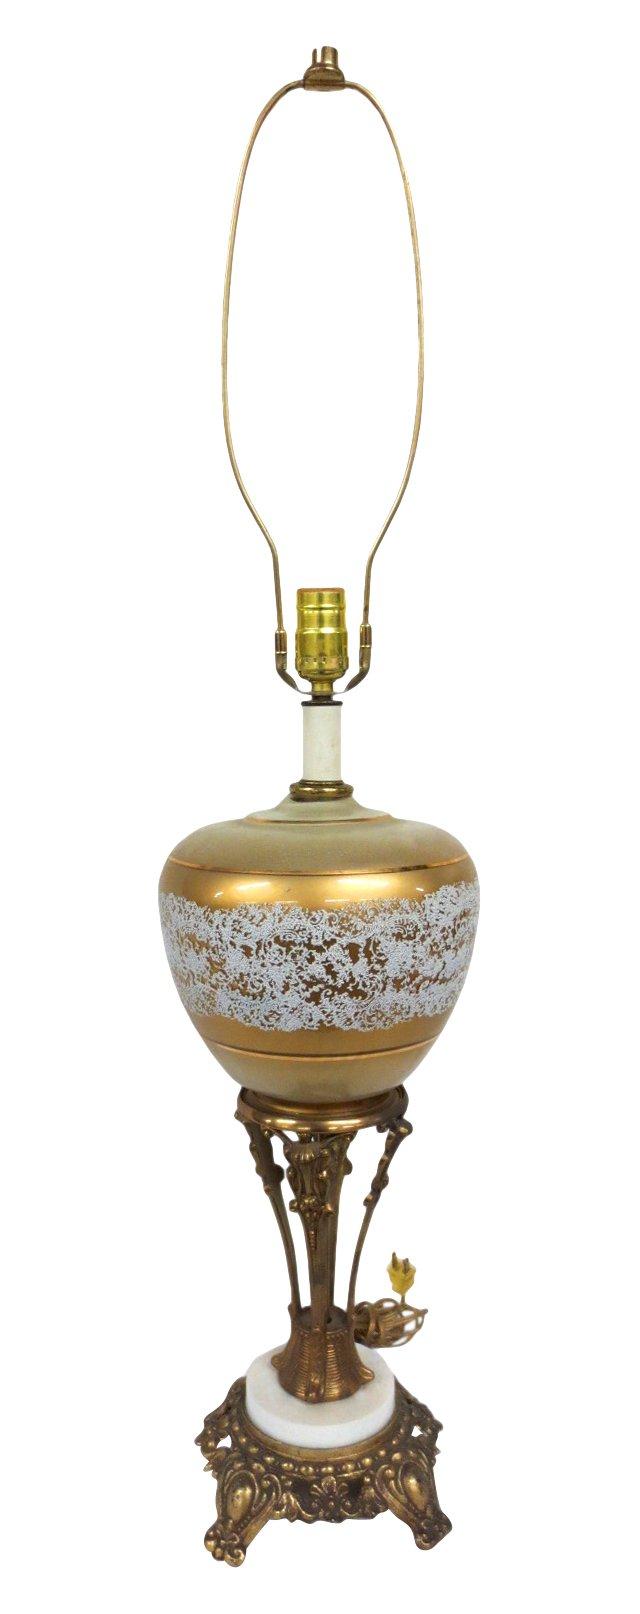 Gilt Decorated Ceramic Lamp